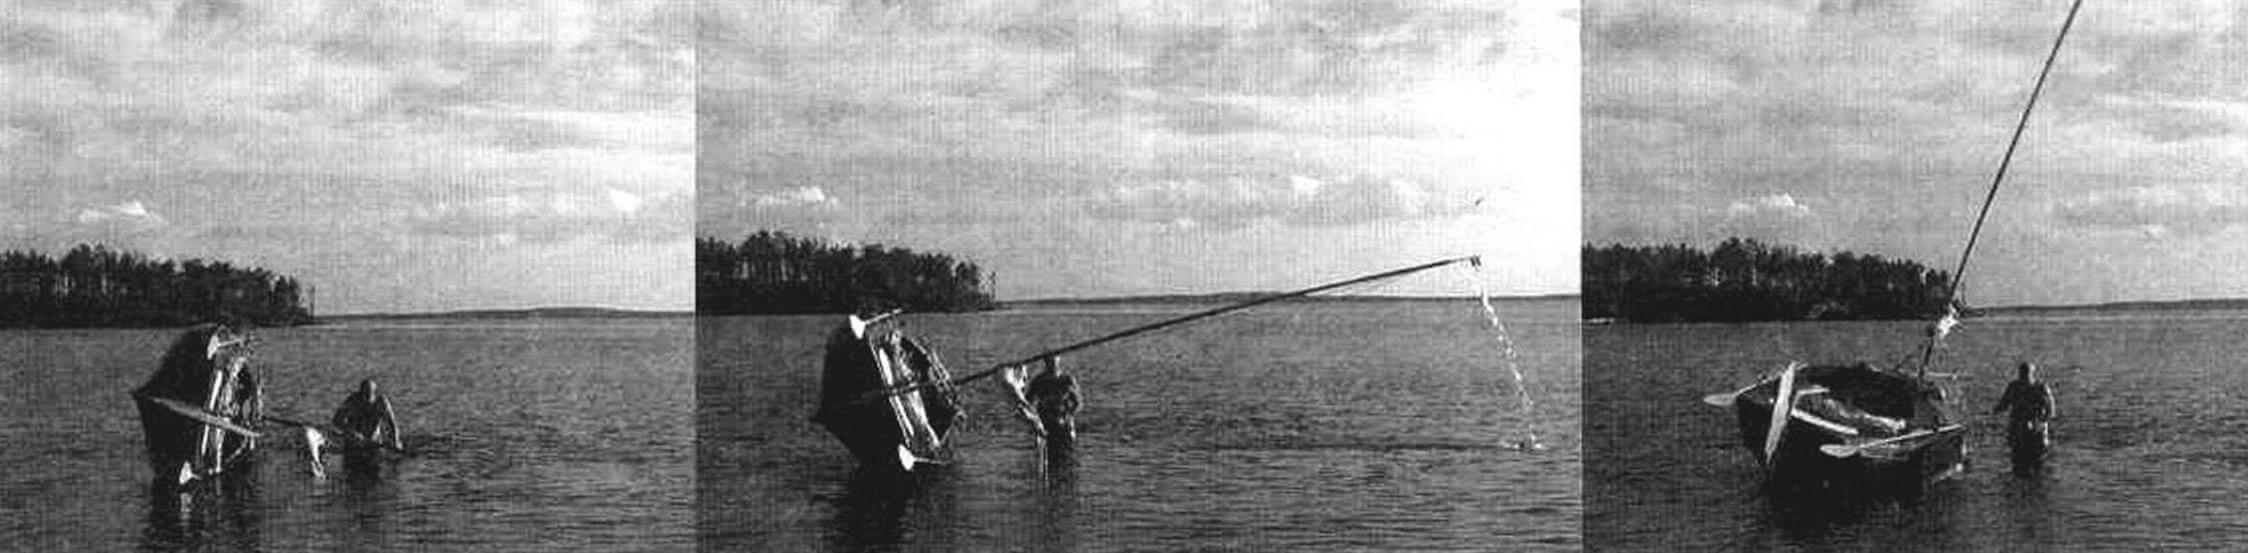 Демонстрация самоспрямления «Авоськи-4» из положения «мачта в воде»